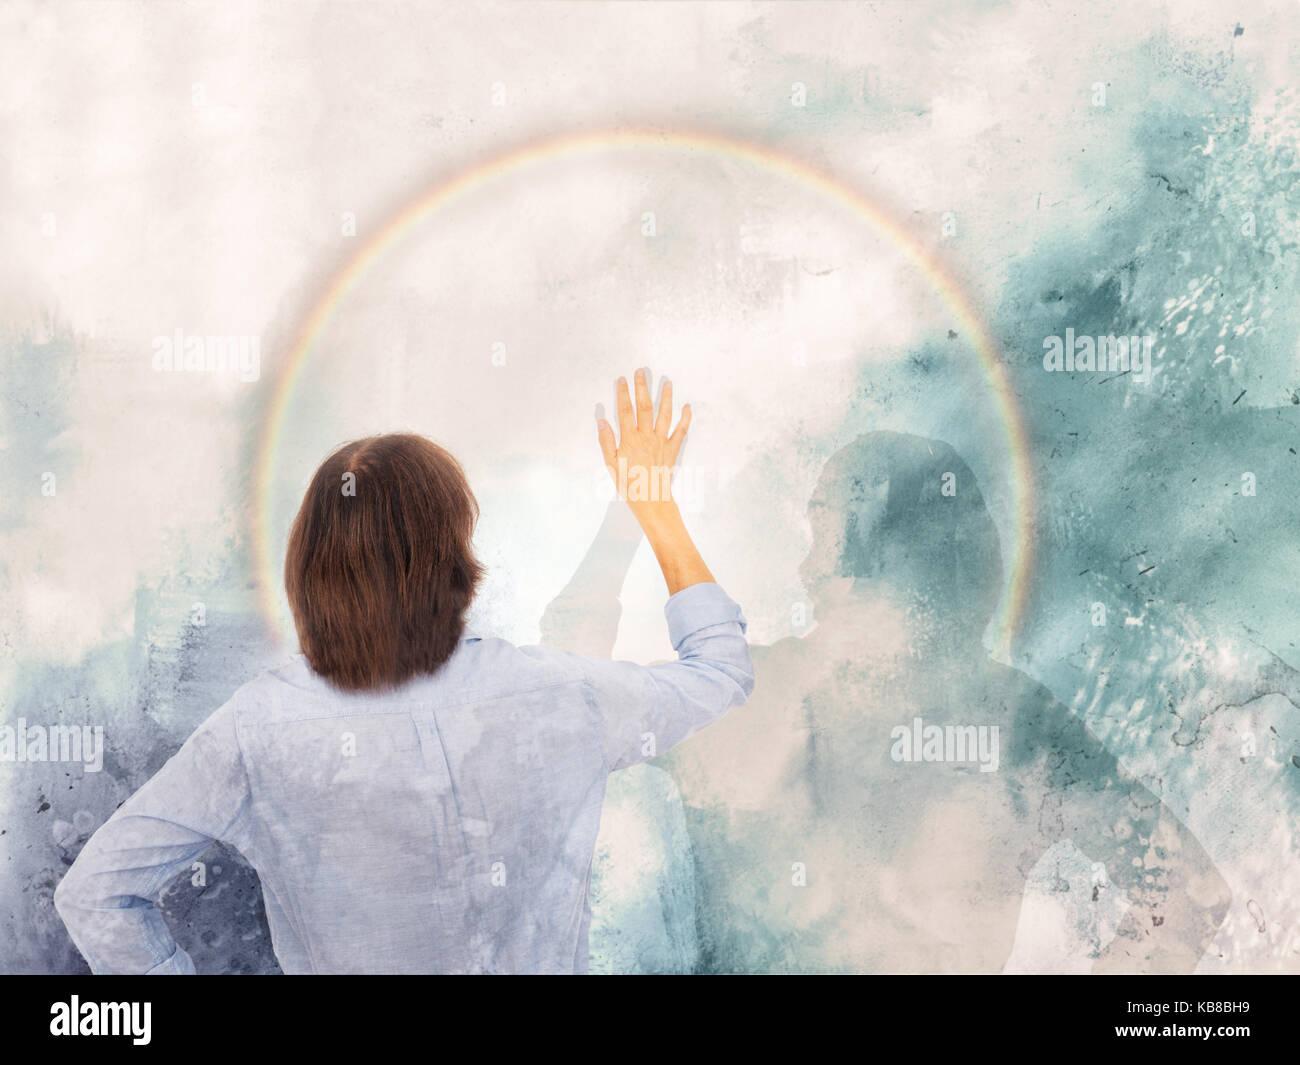 Satisfacción personal,superar la adversidad concepto. alta cinco con sombra. Imagen De Stock